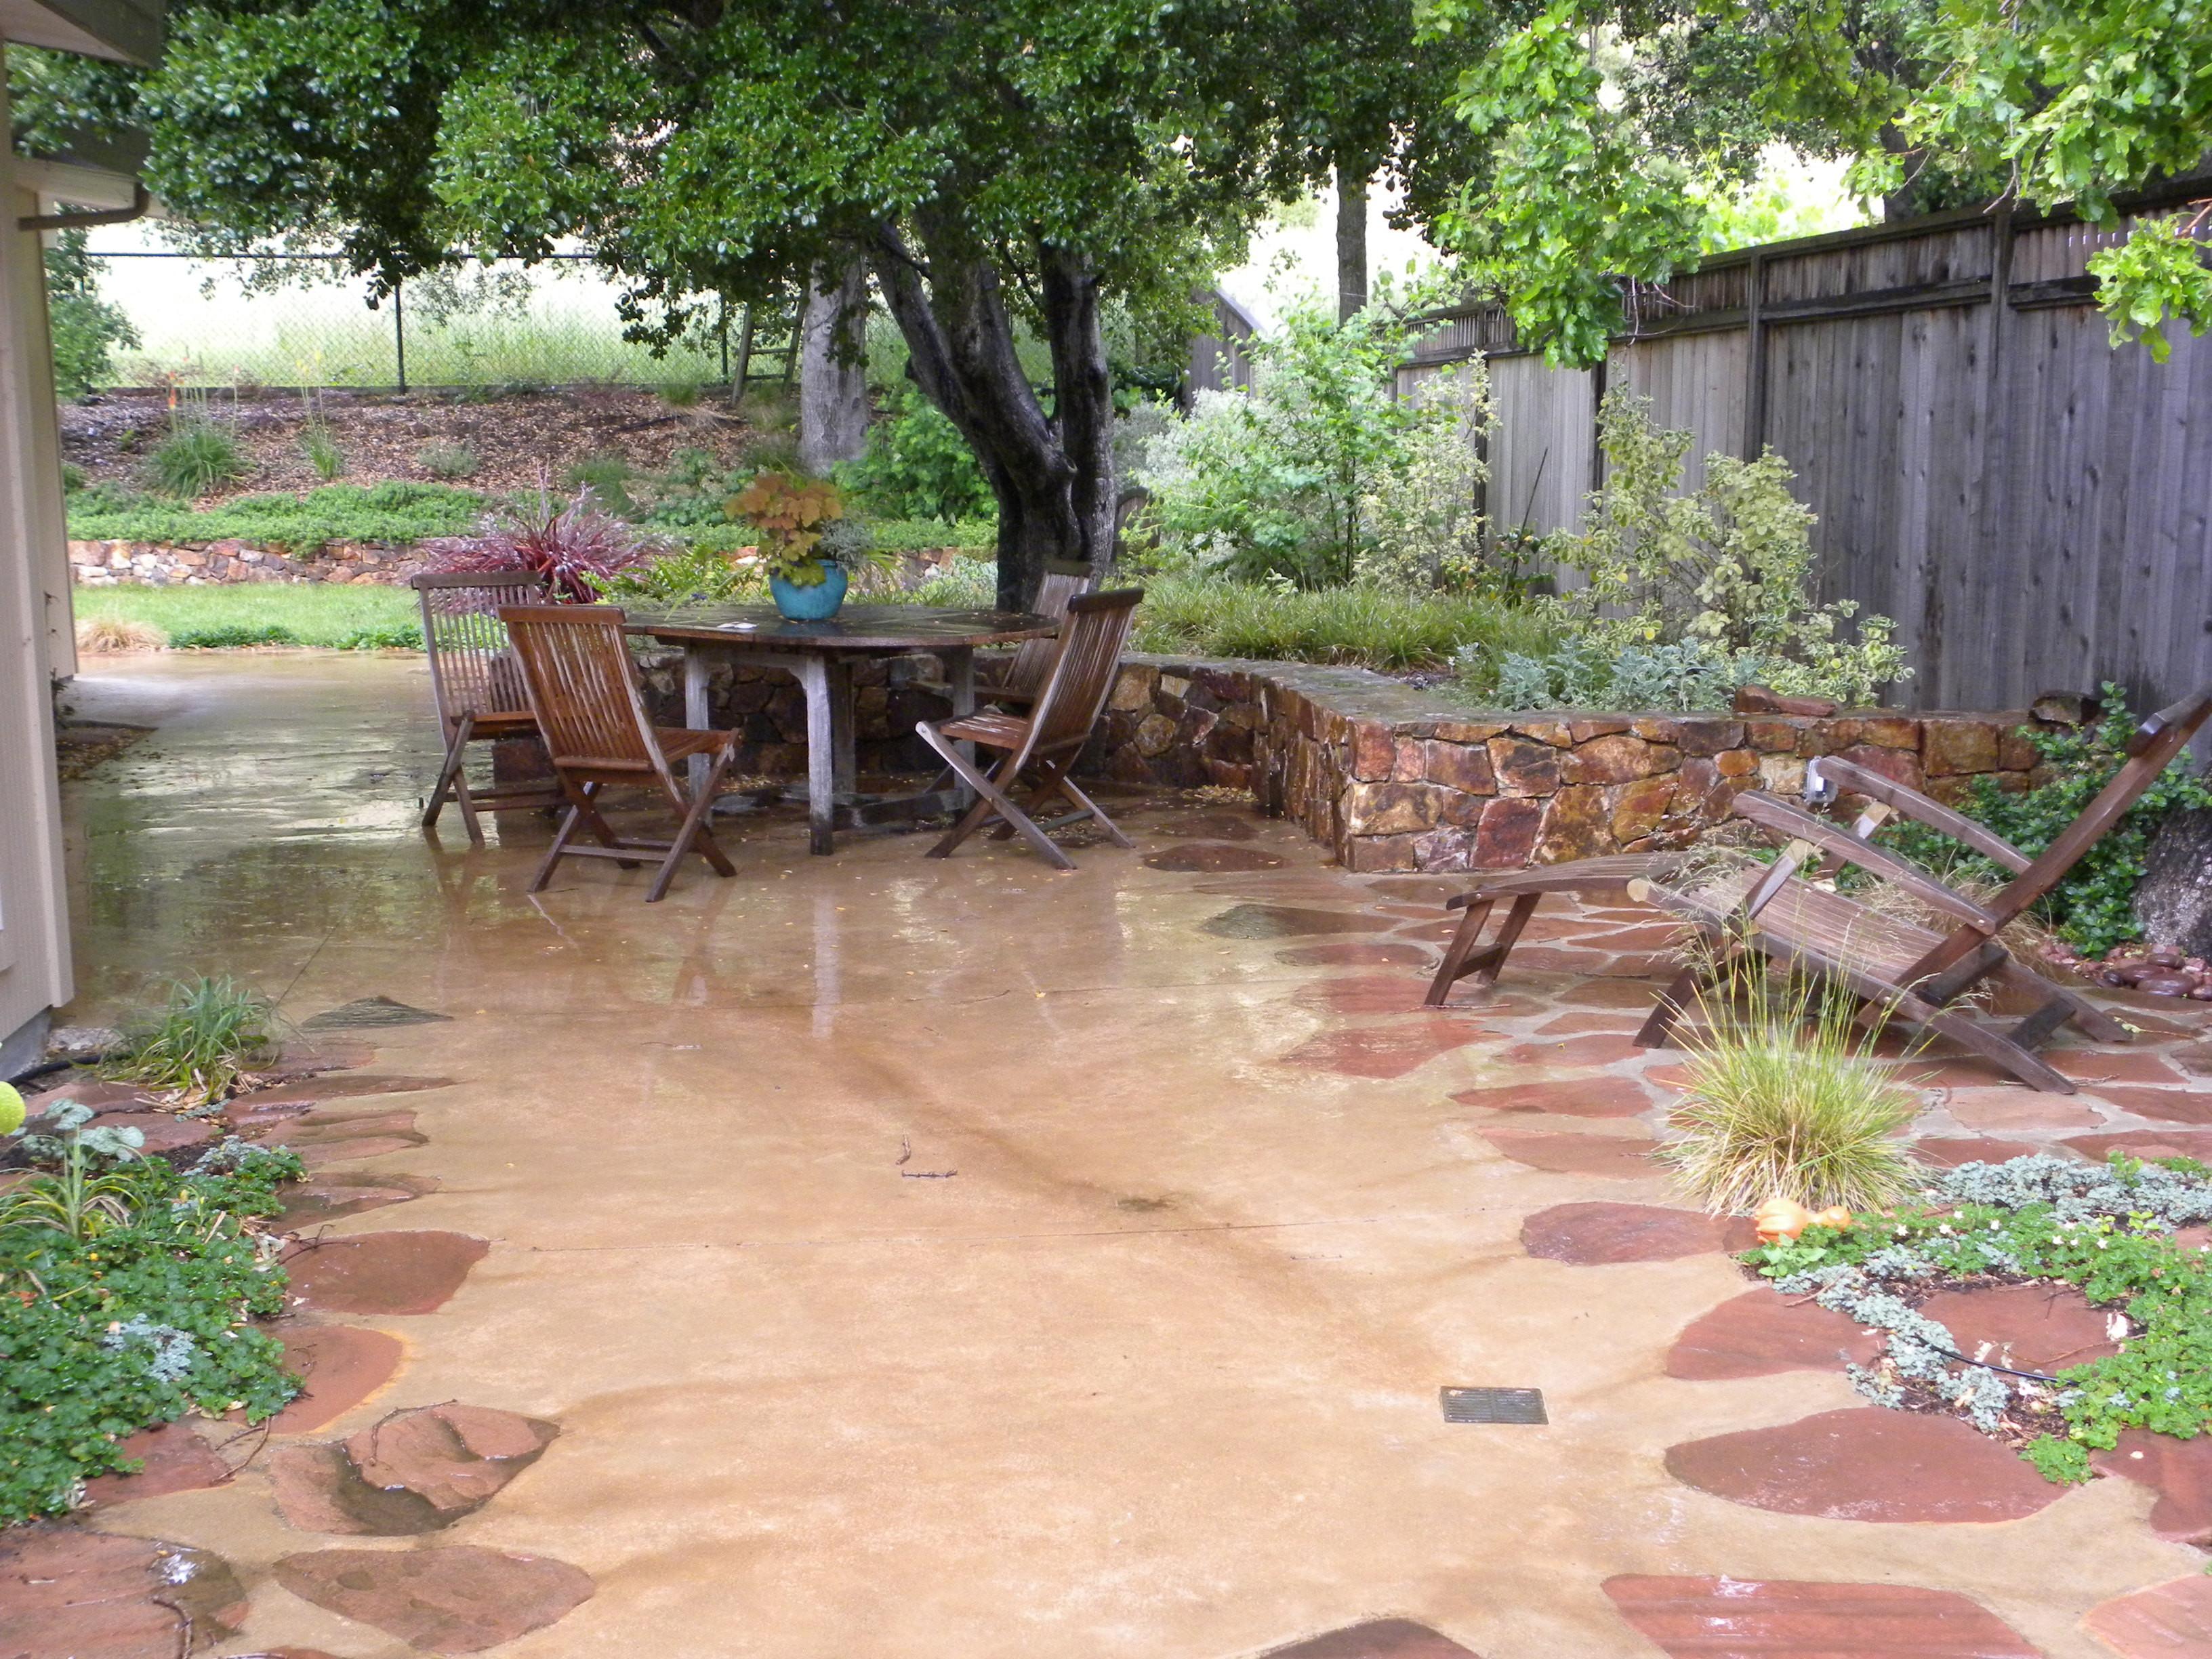 Best ideas about Concrete Patio Ideas . Save or Pin Concrete patio ideas Now.